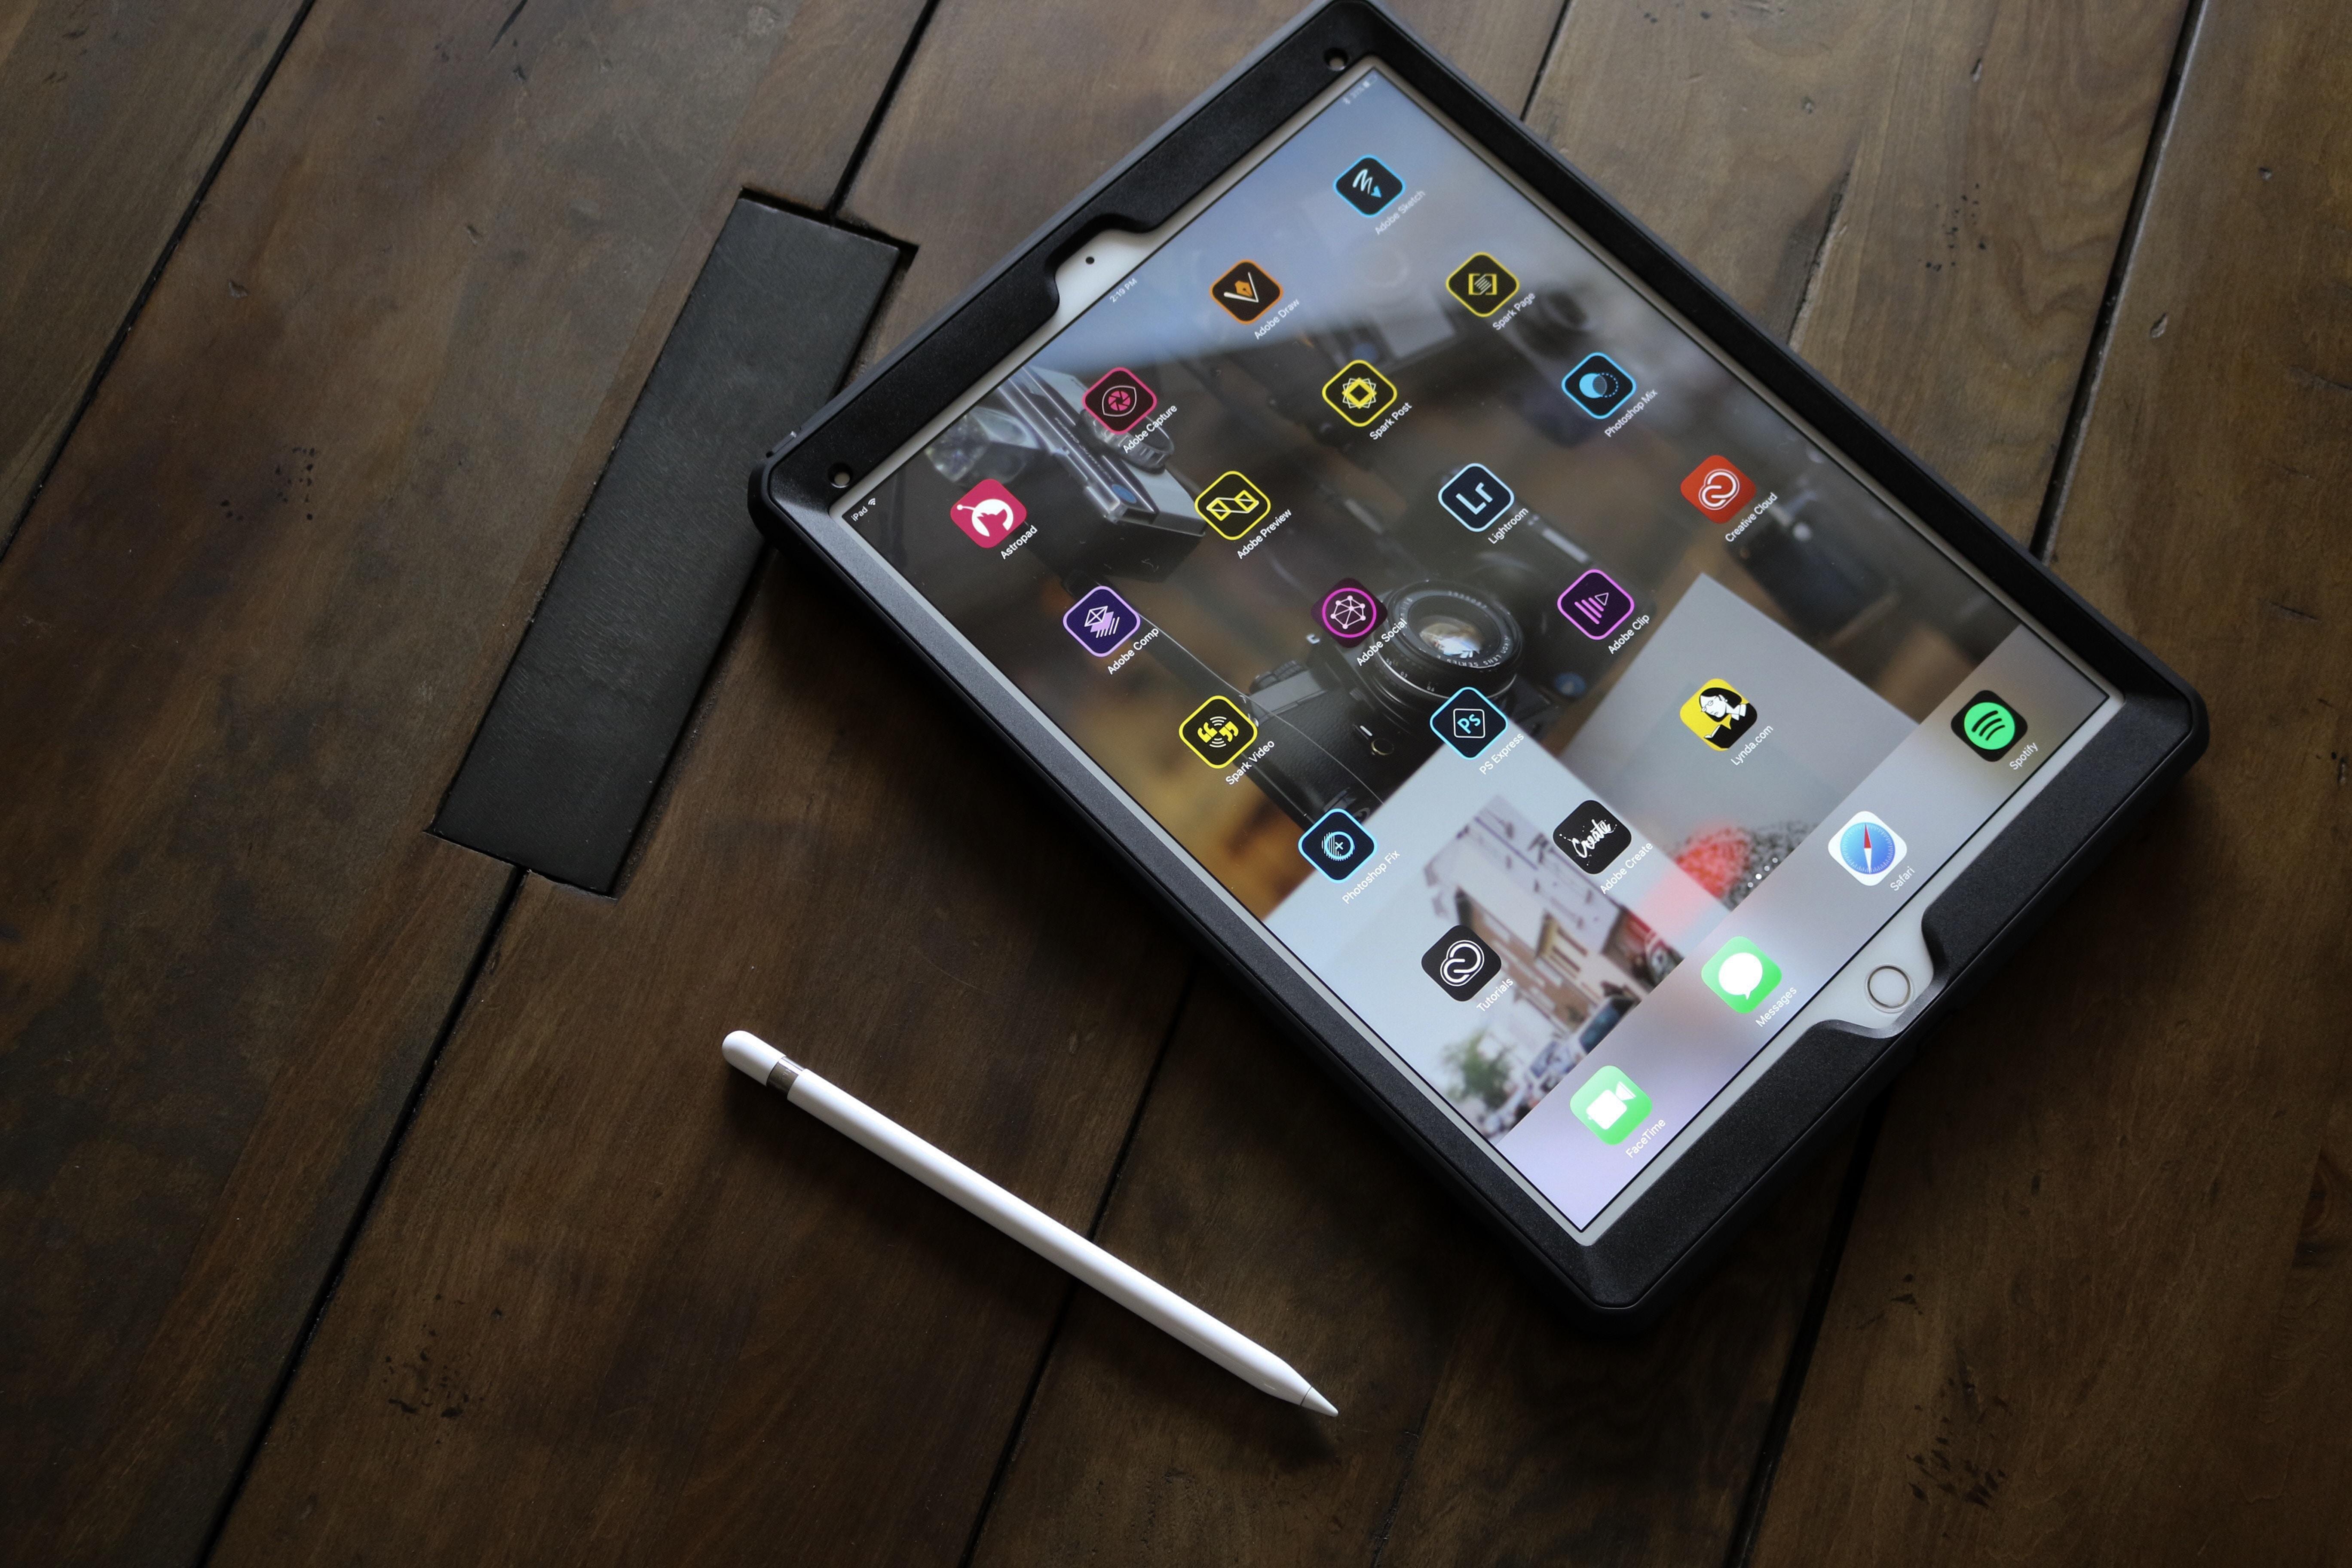 Como garantir a segurança de celulares, notebooks e tablets?